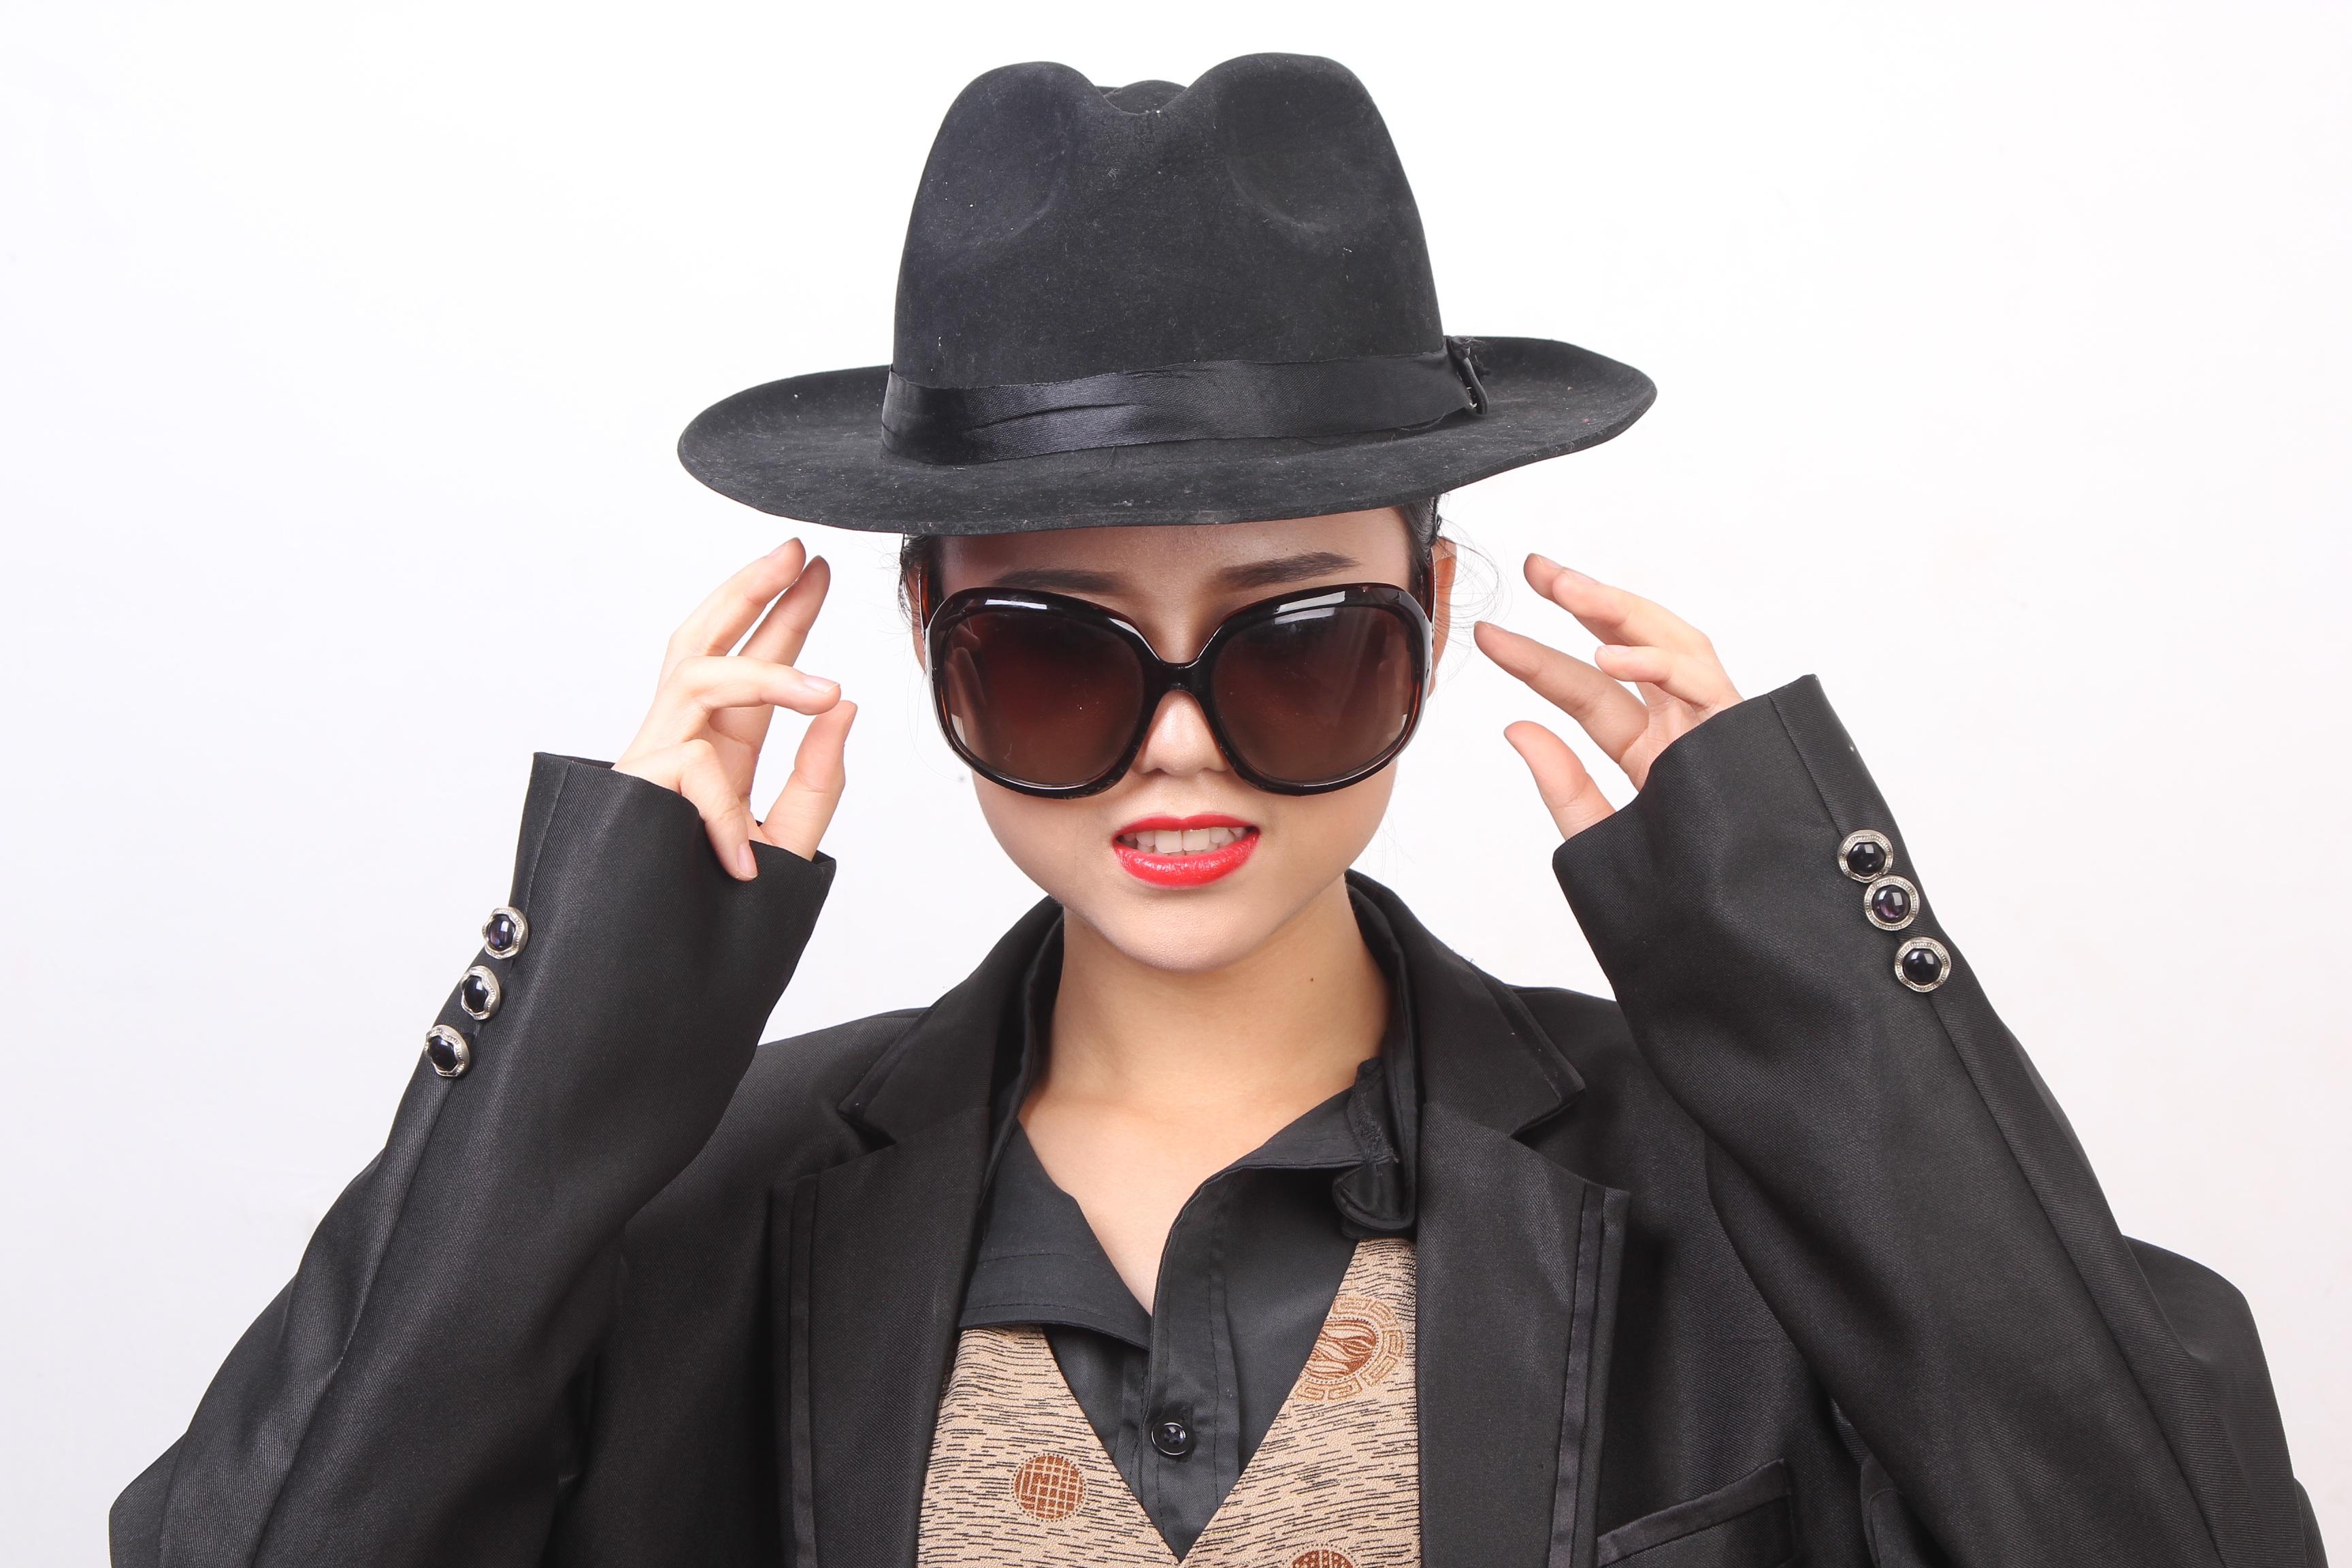 a379cda88a59 kvinde læder hat tøj sort hovedbeklædning frisure camouflage gentleman  solbriller briller kasket overskæg briller fedora hvid